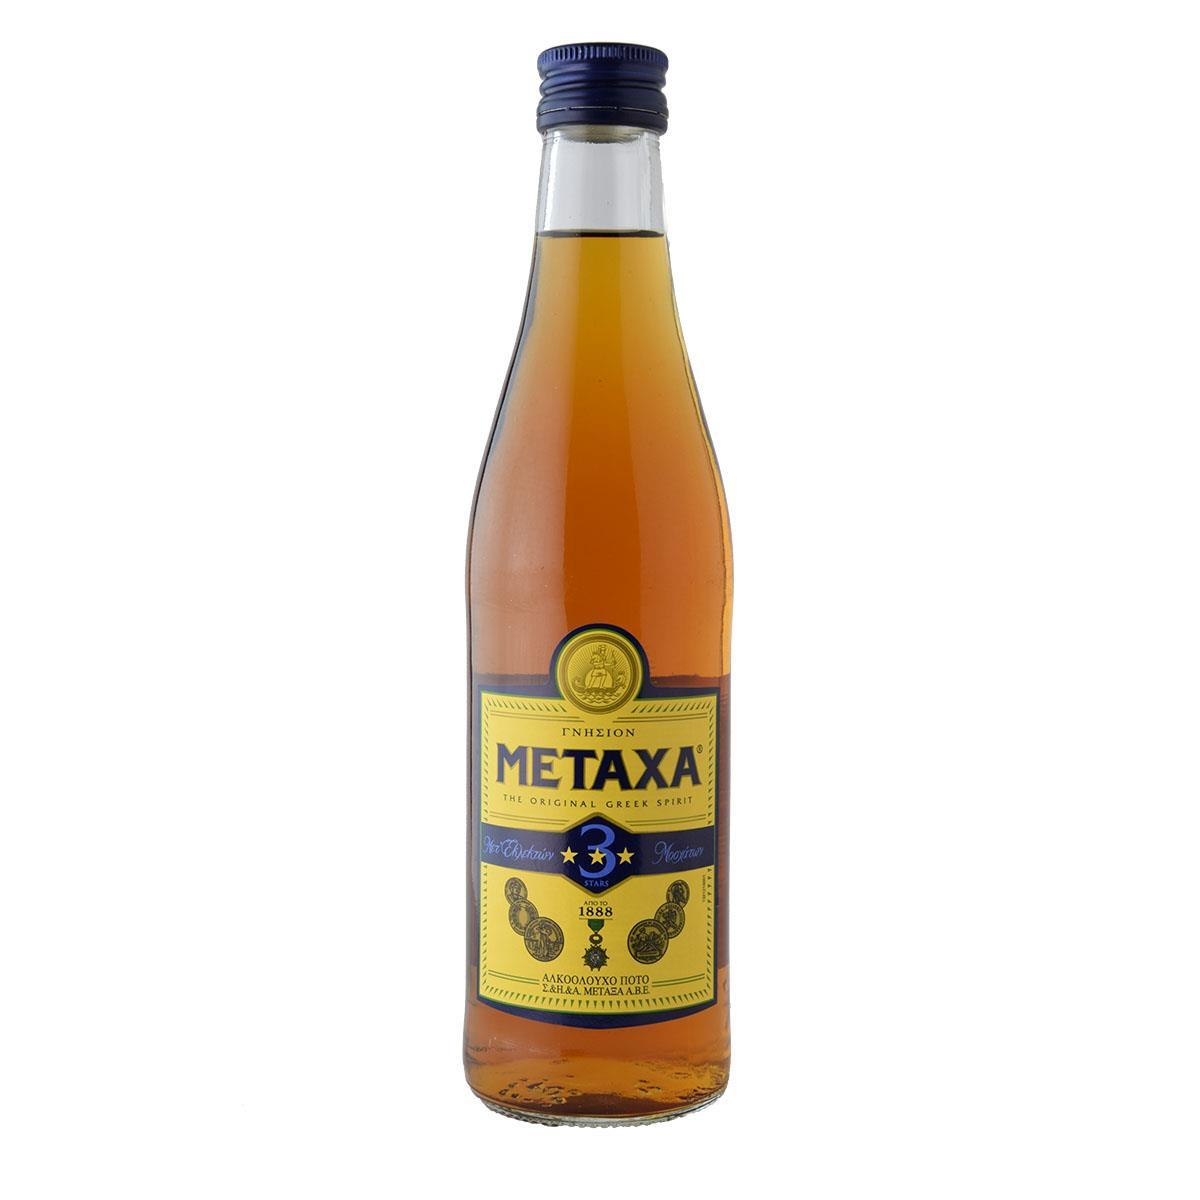 Metaxa 3* 350ml